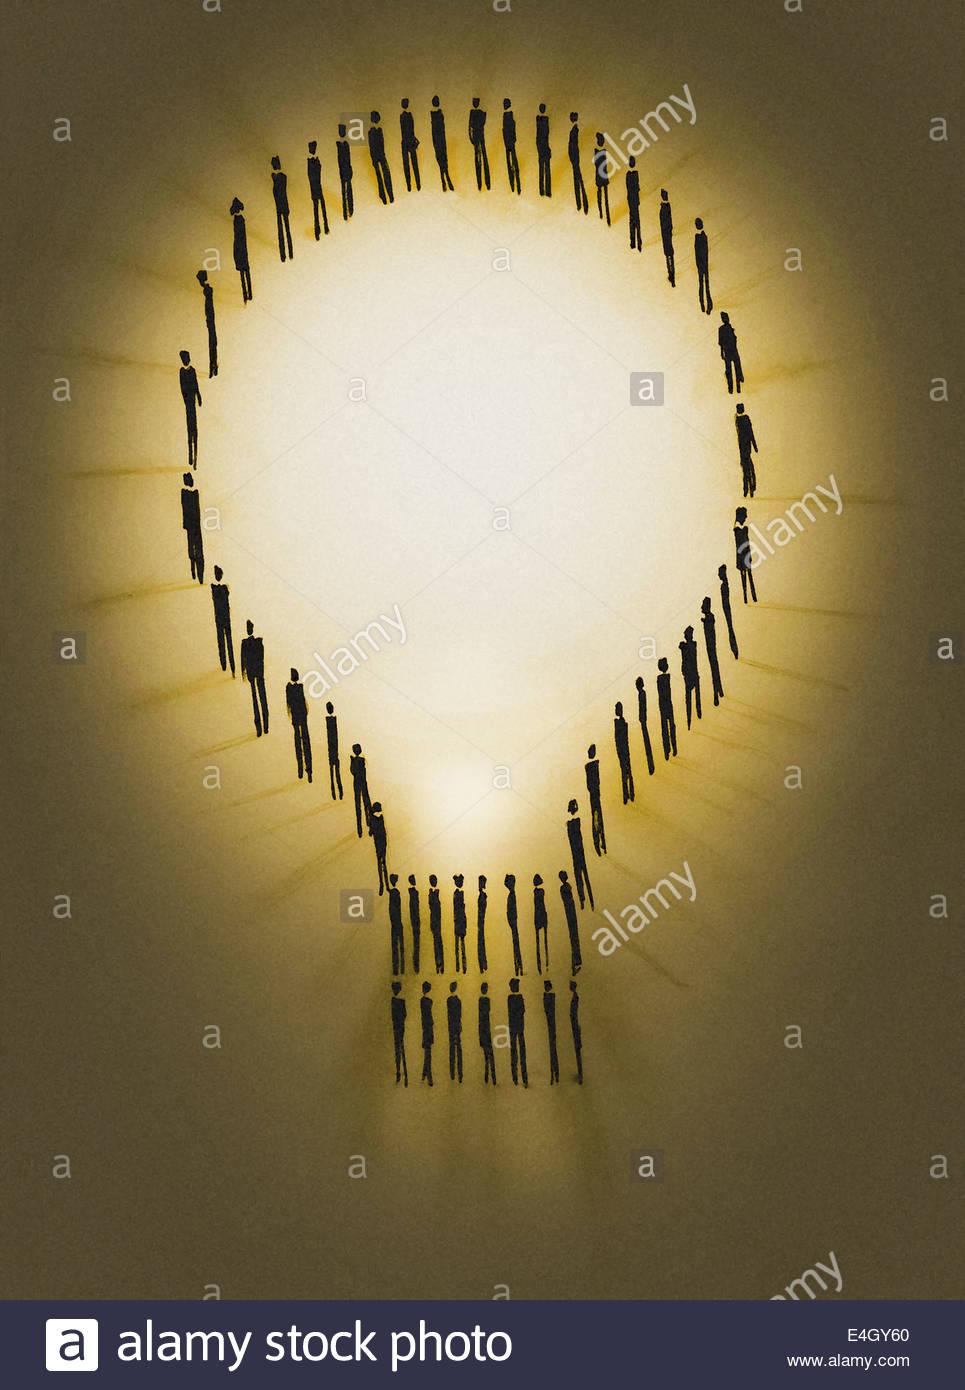 La gente esquematización bombilla iluminada Imagen De Stock